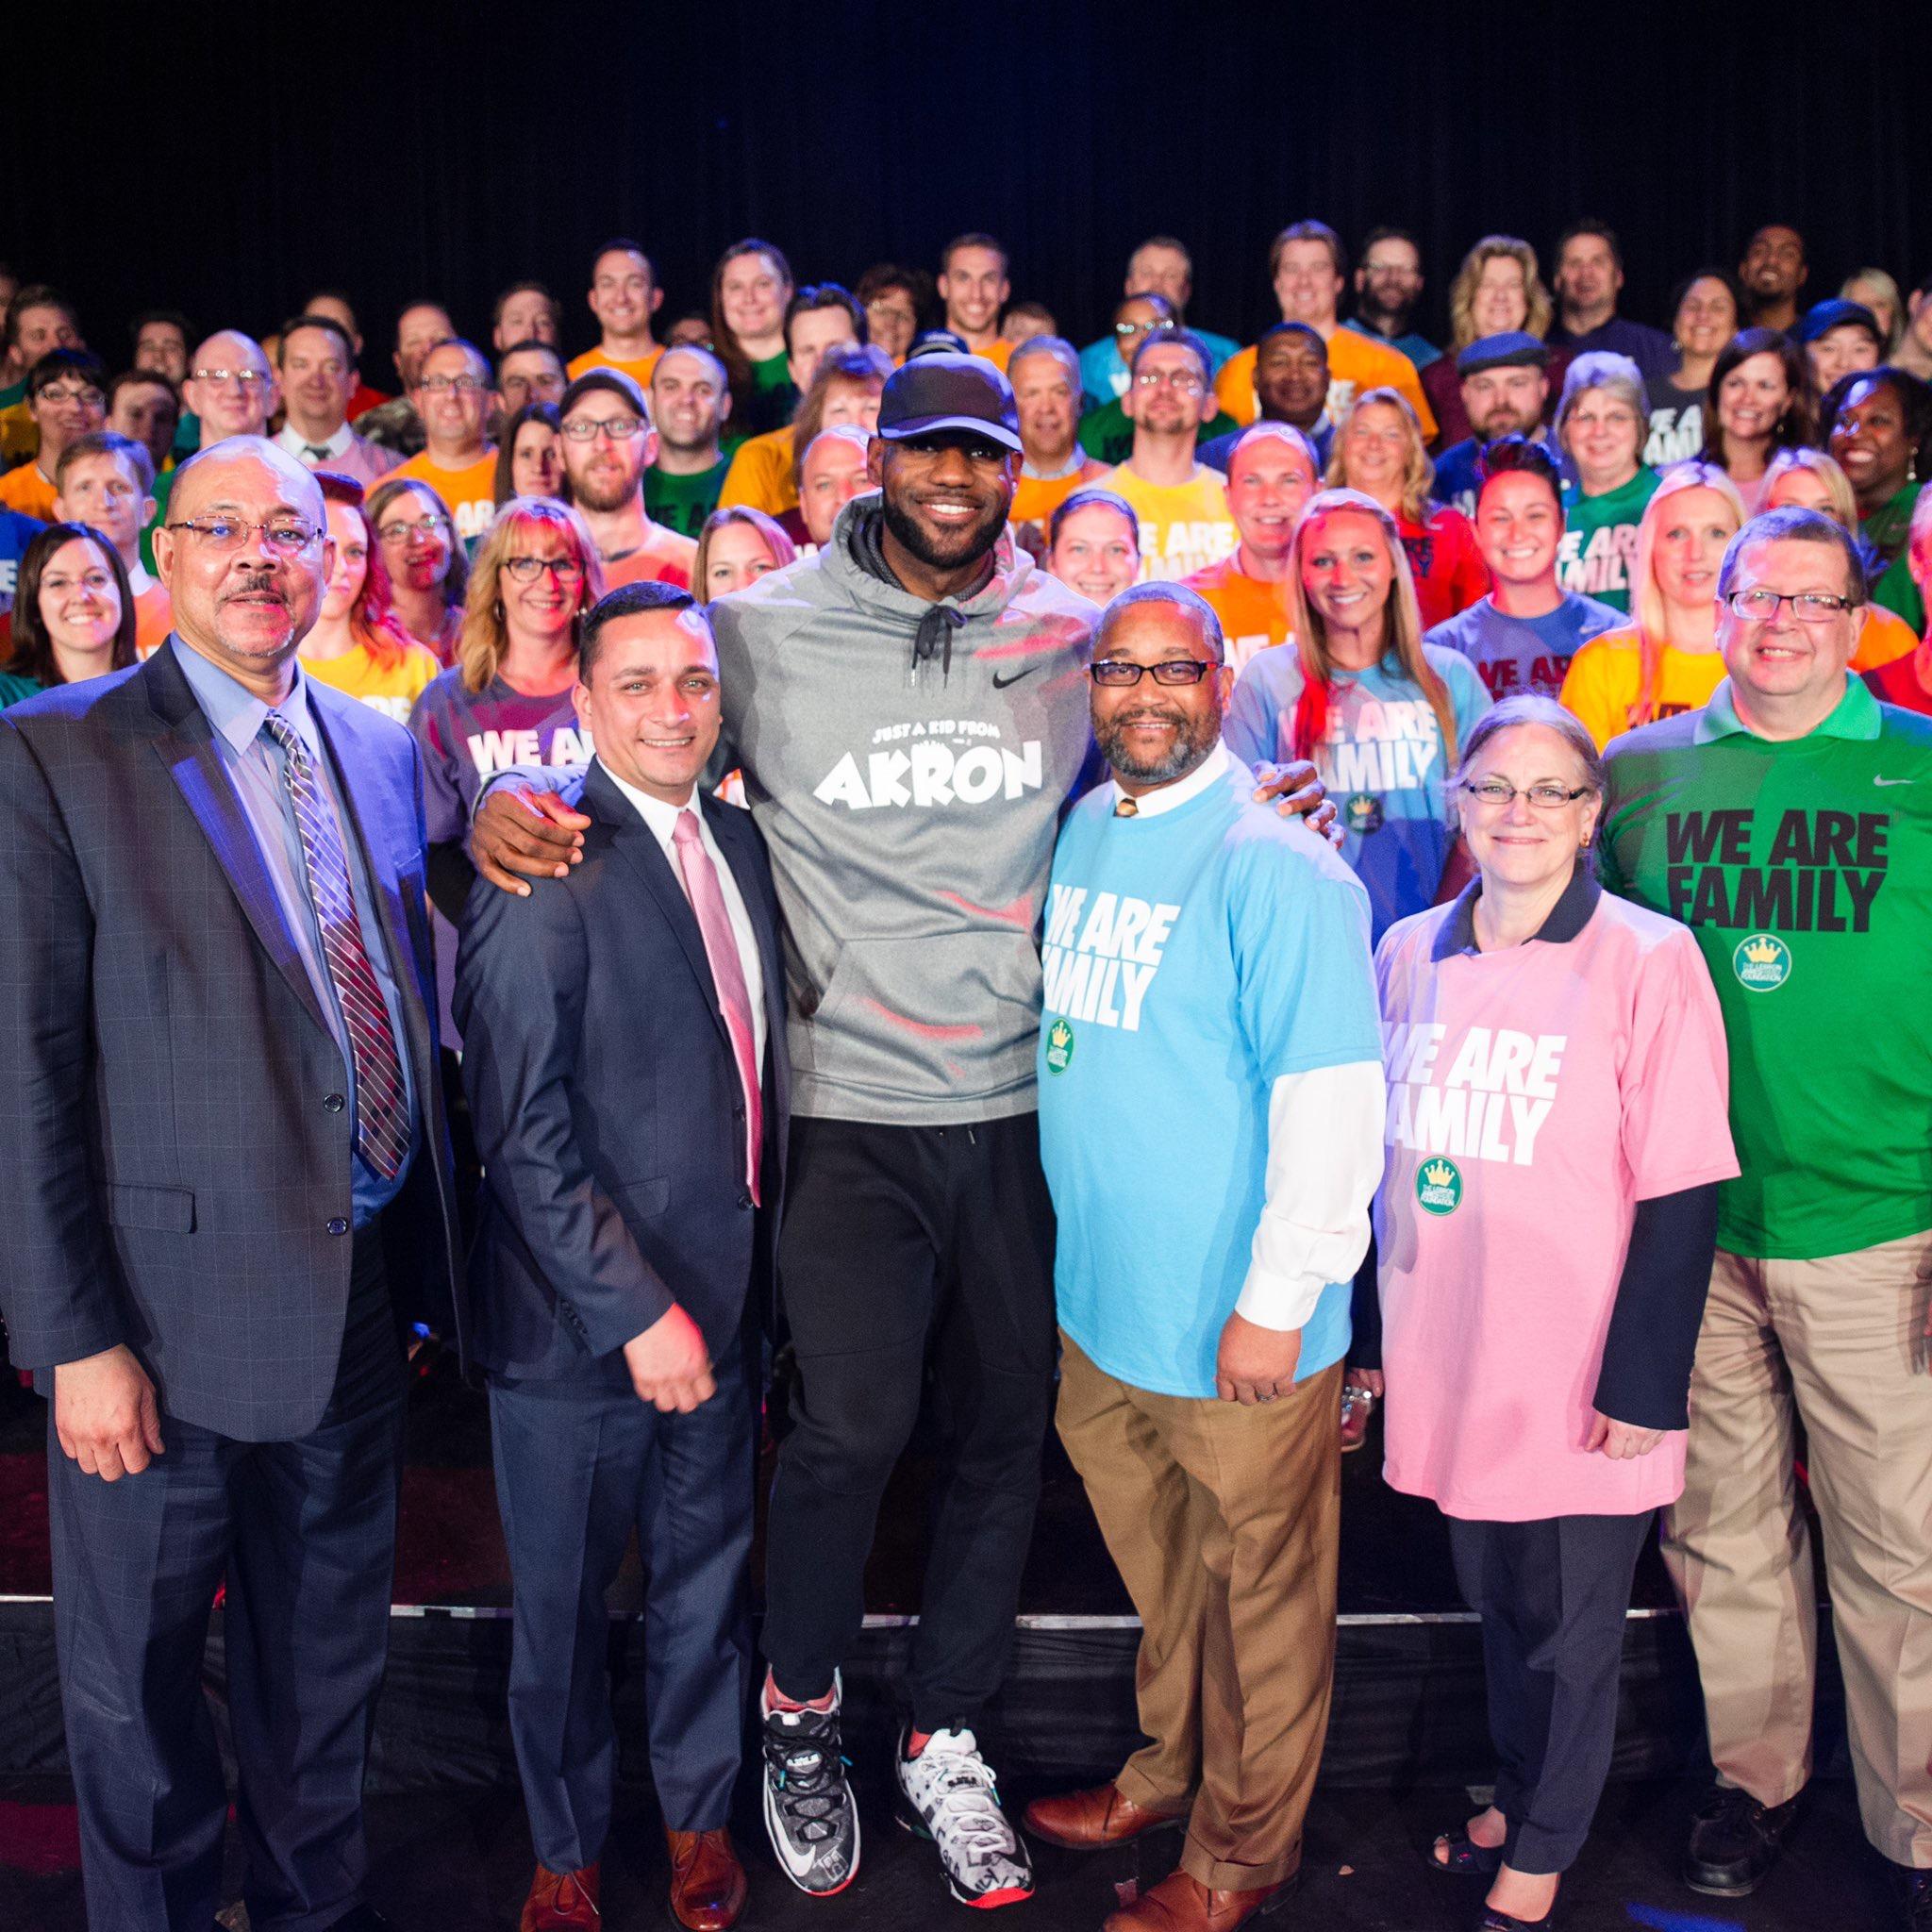 詹姆斯称赞IPromise学校学生:孩子们太聪明了 NBA新闻